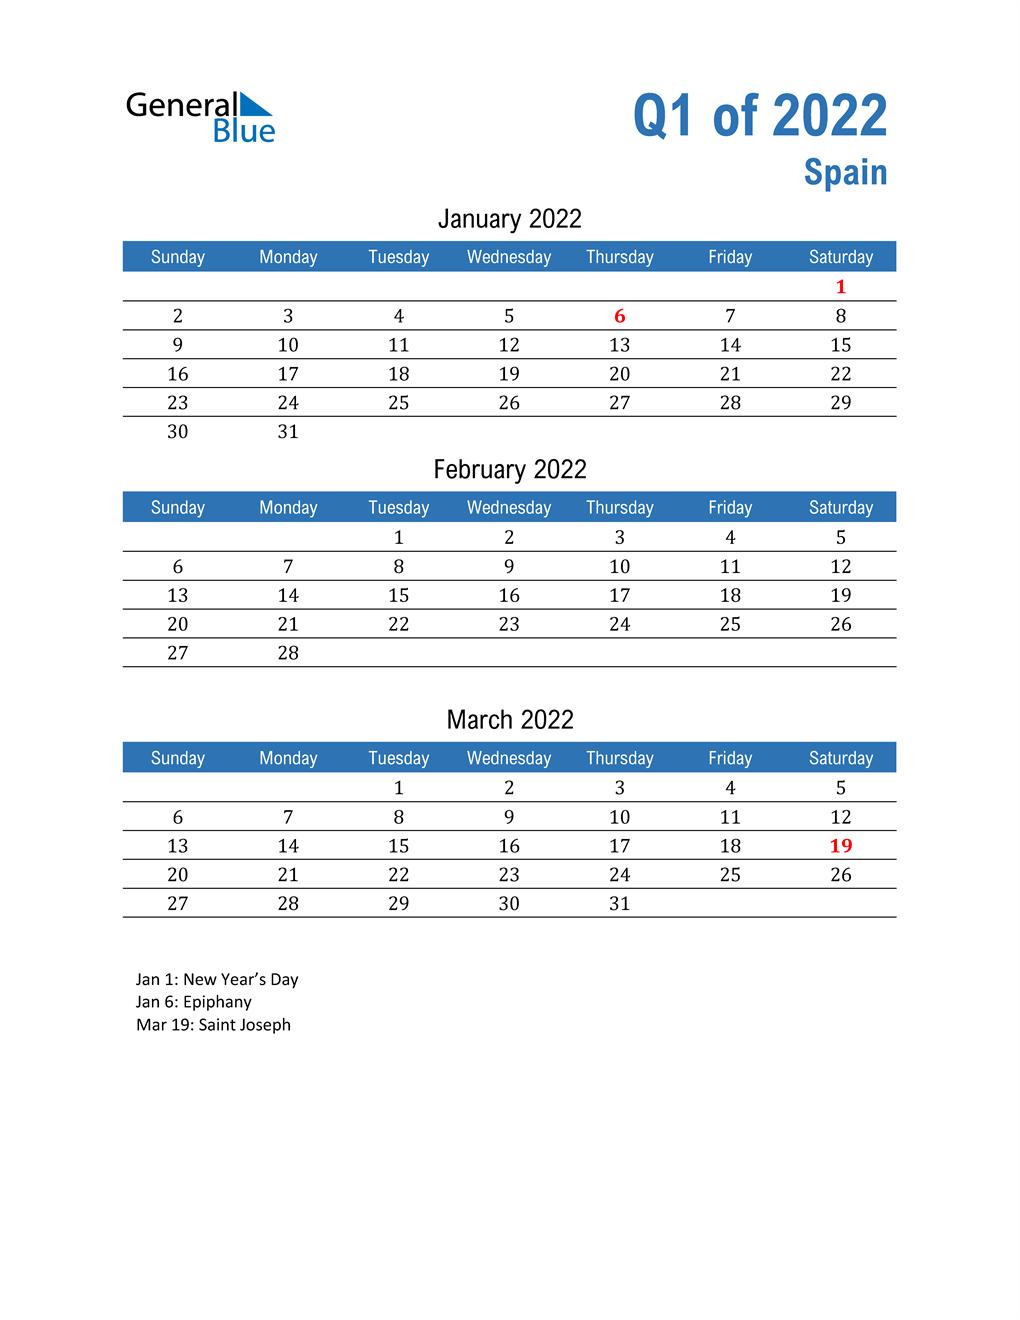 Spain 2022 Quarterly Calendar